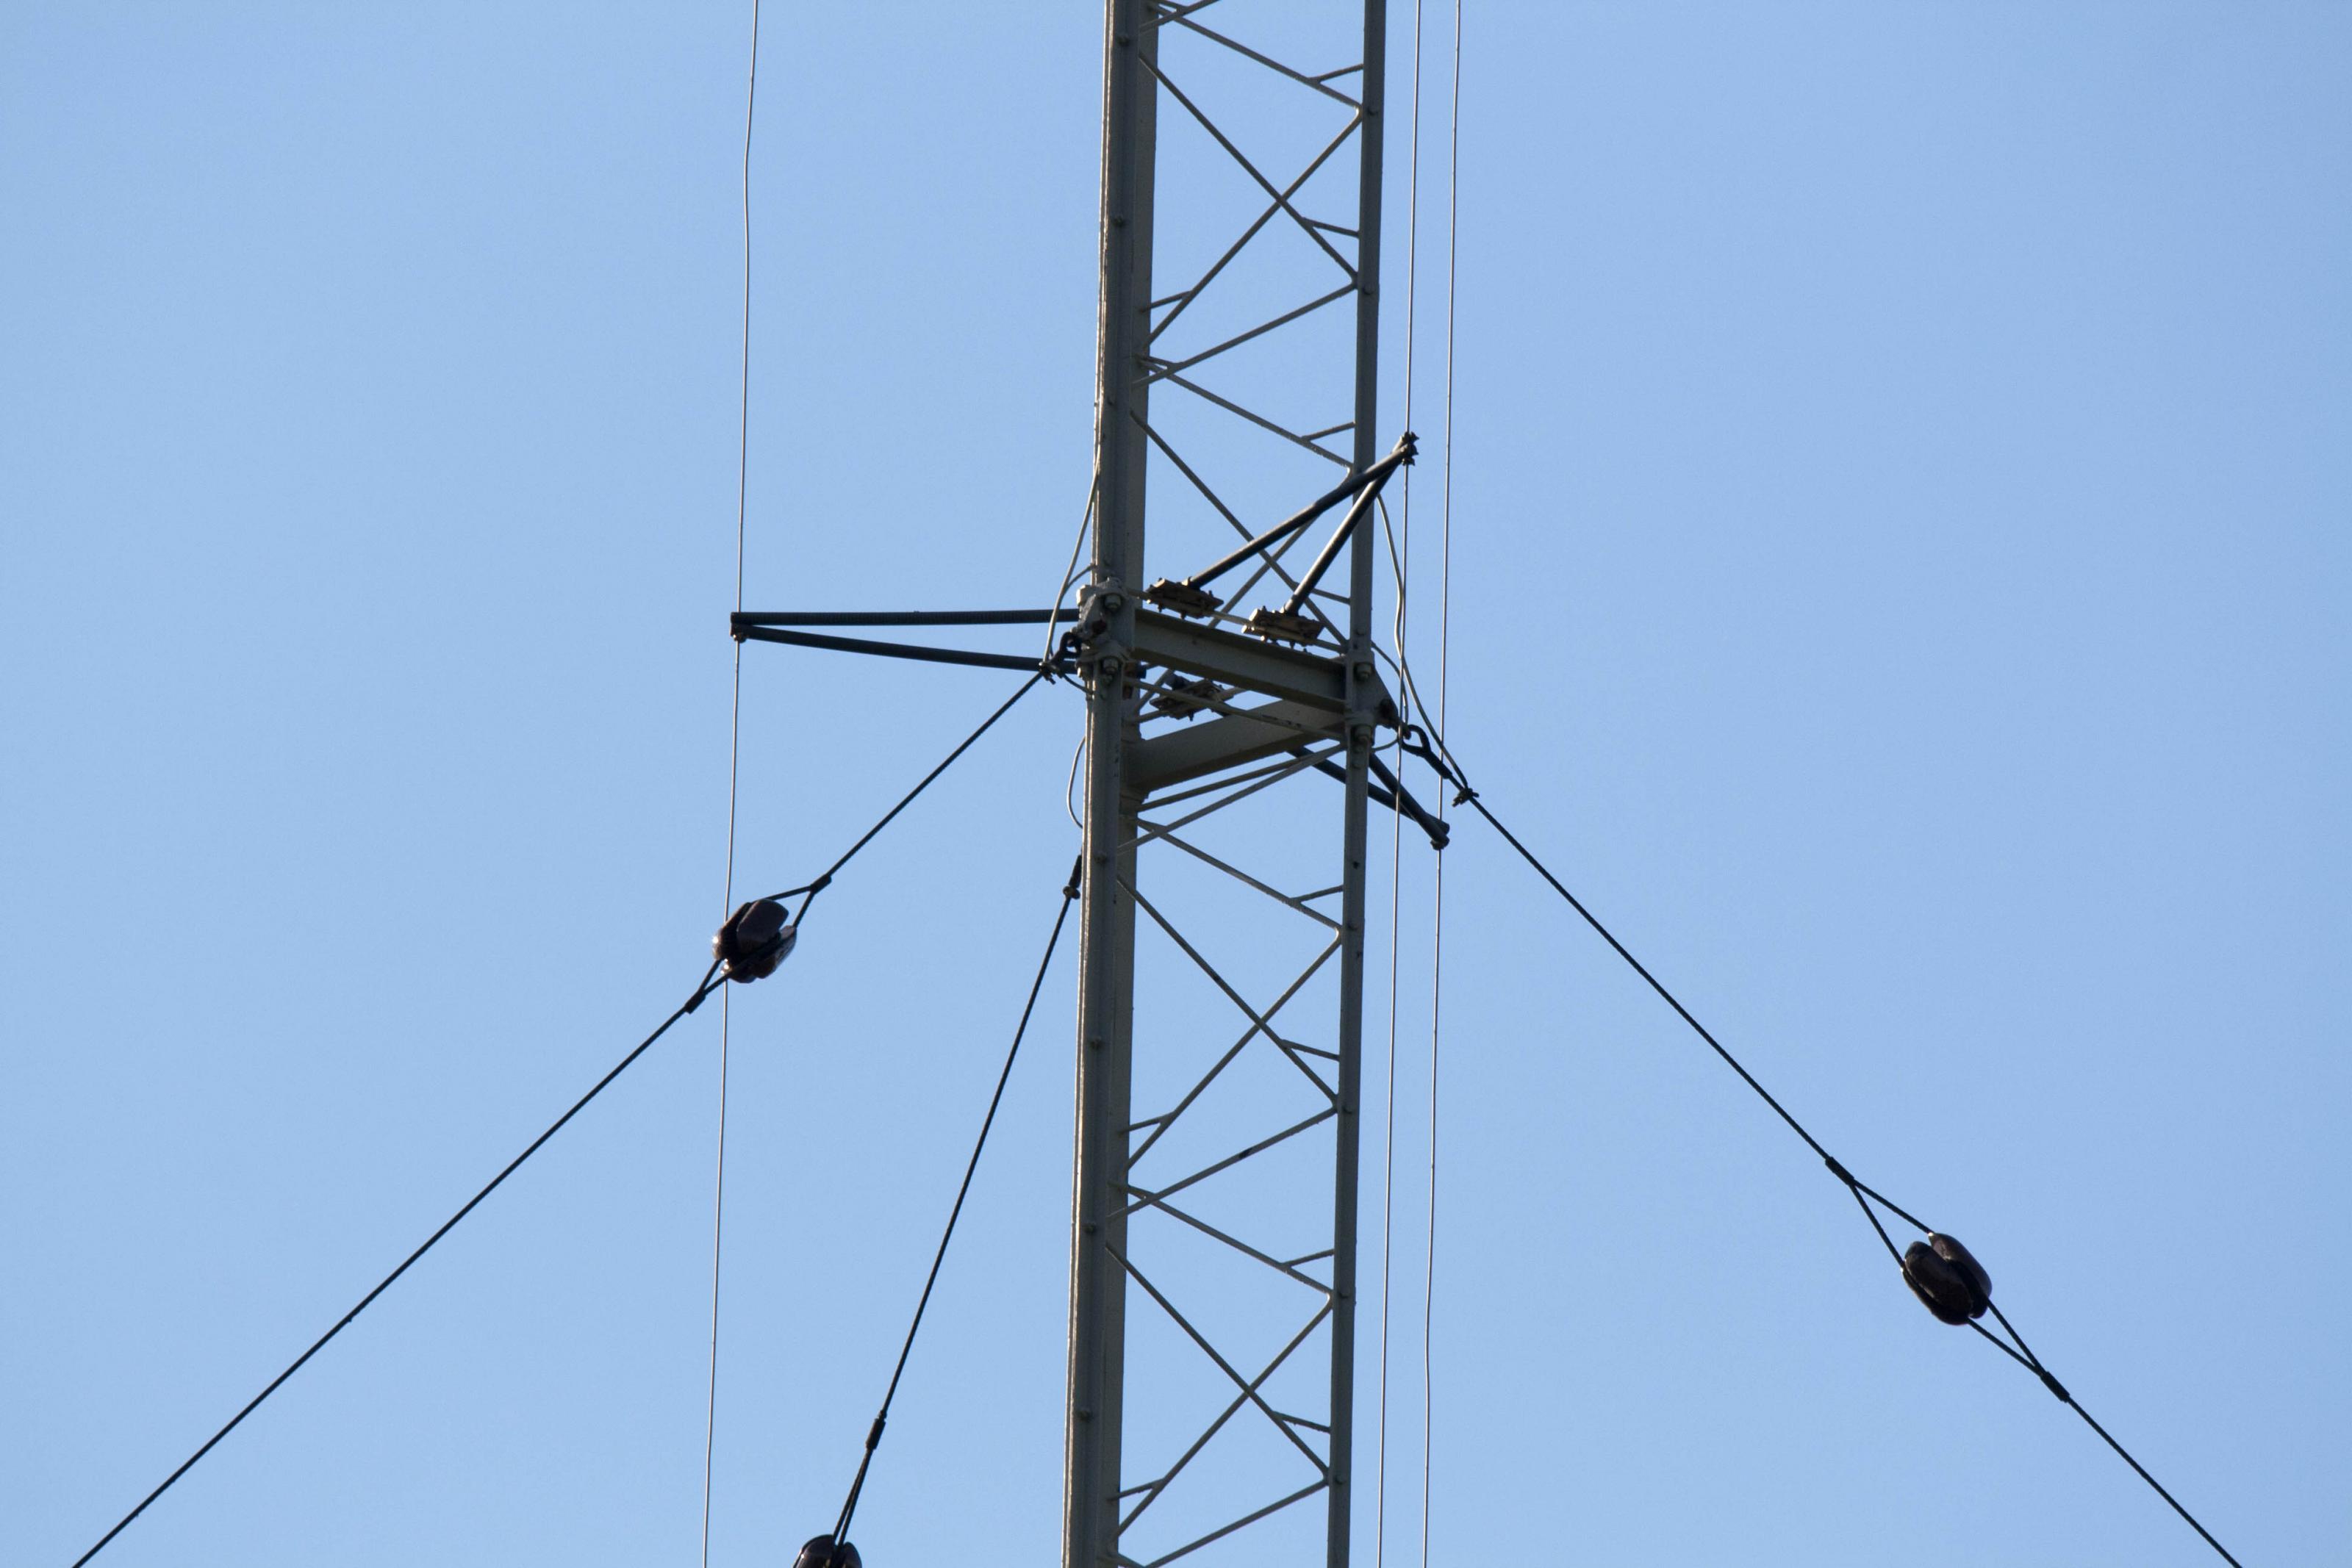 2010-10-16-828Heinenoord-0040.jpg